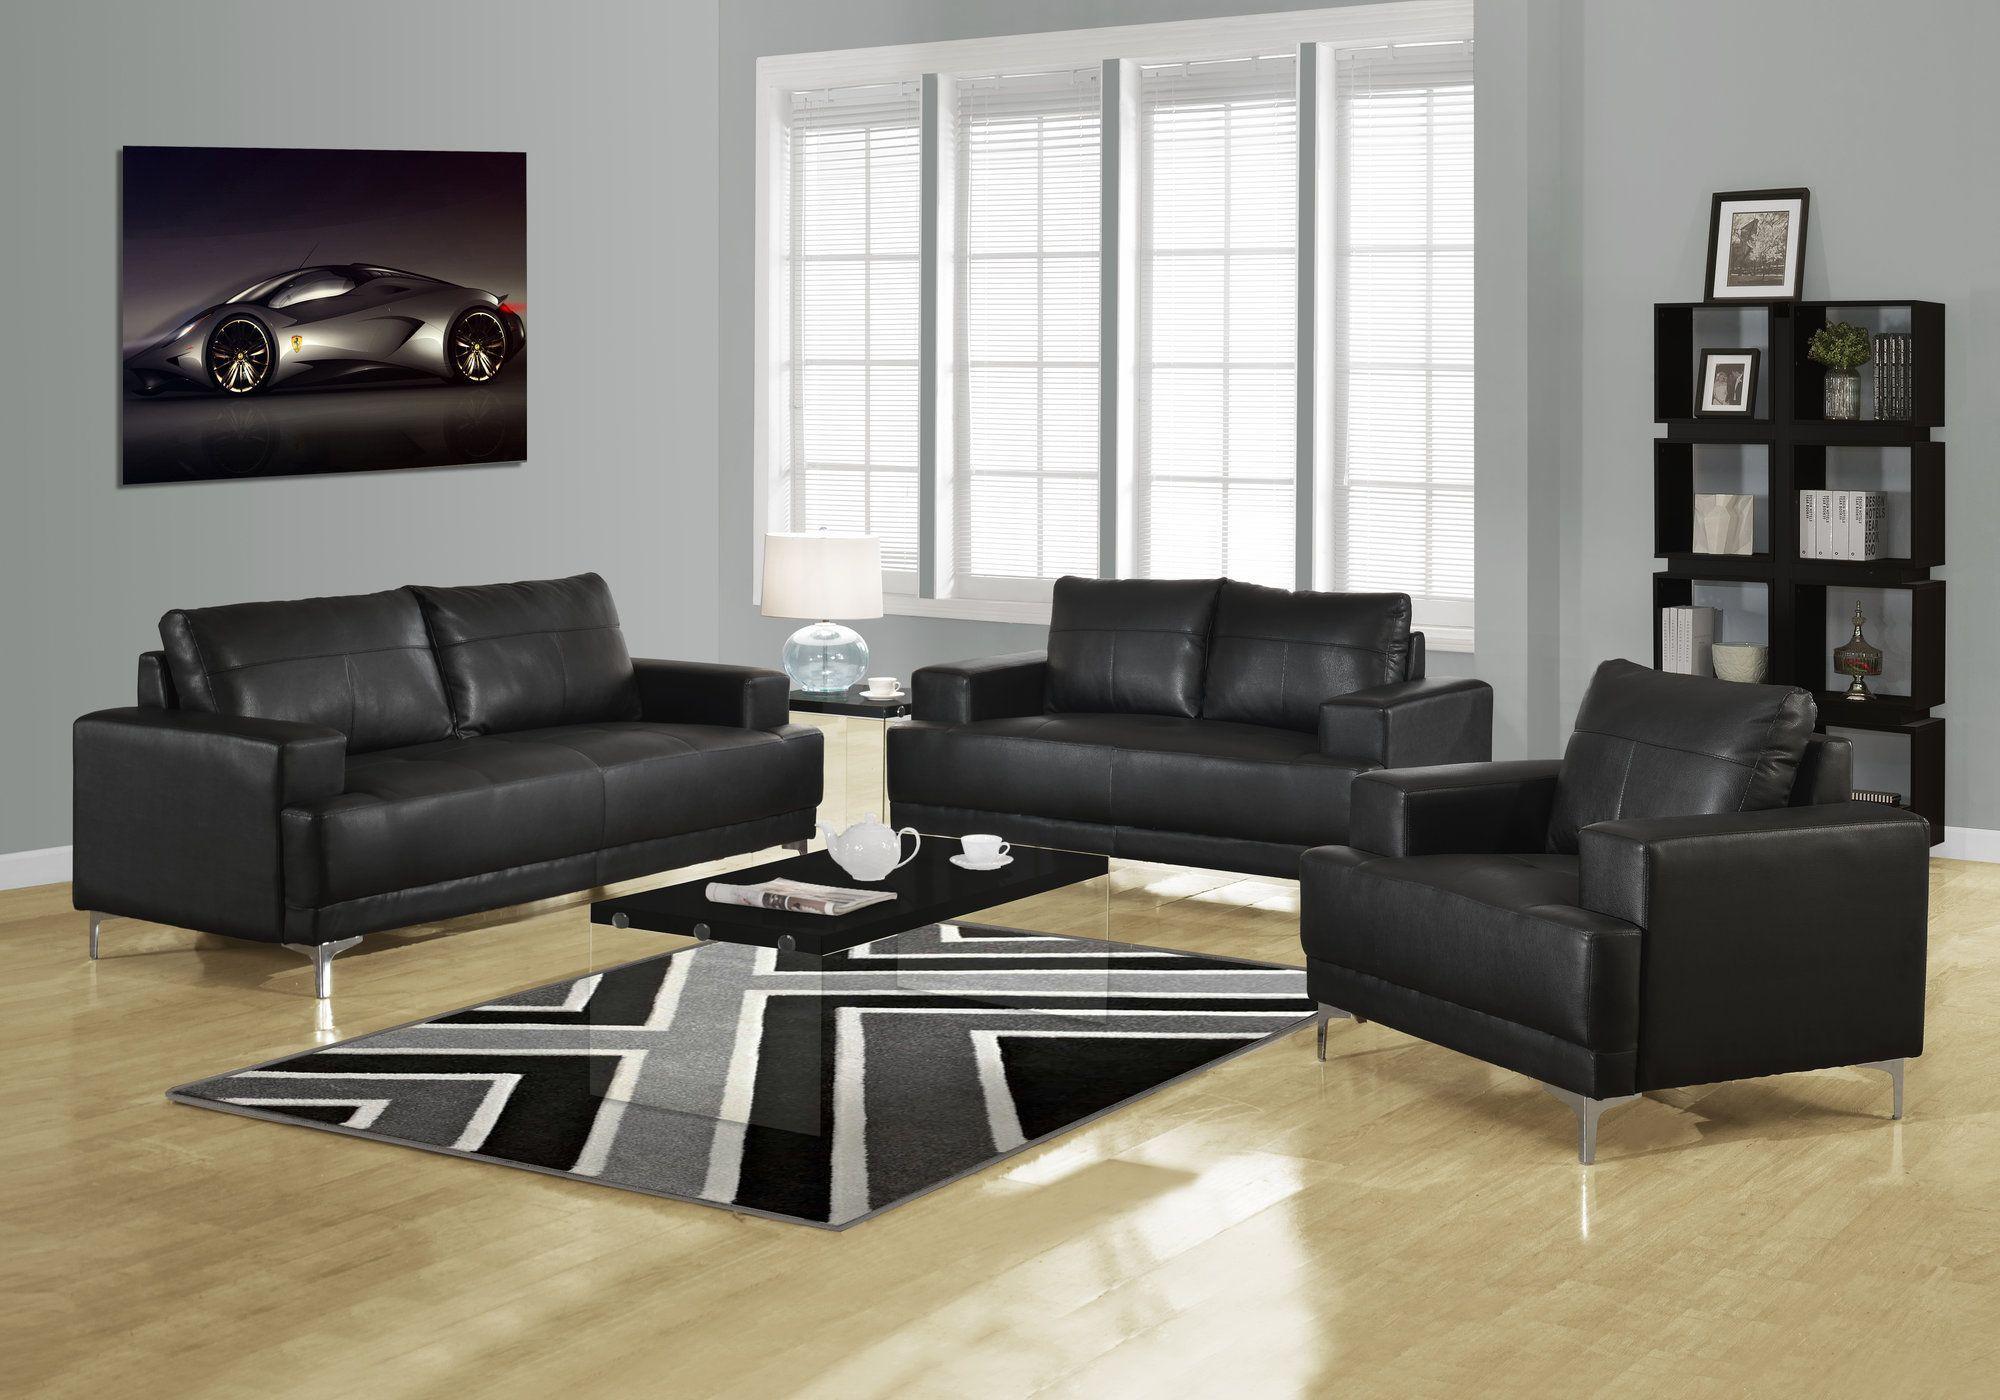 Black bonded leather living room set leather living room